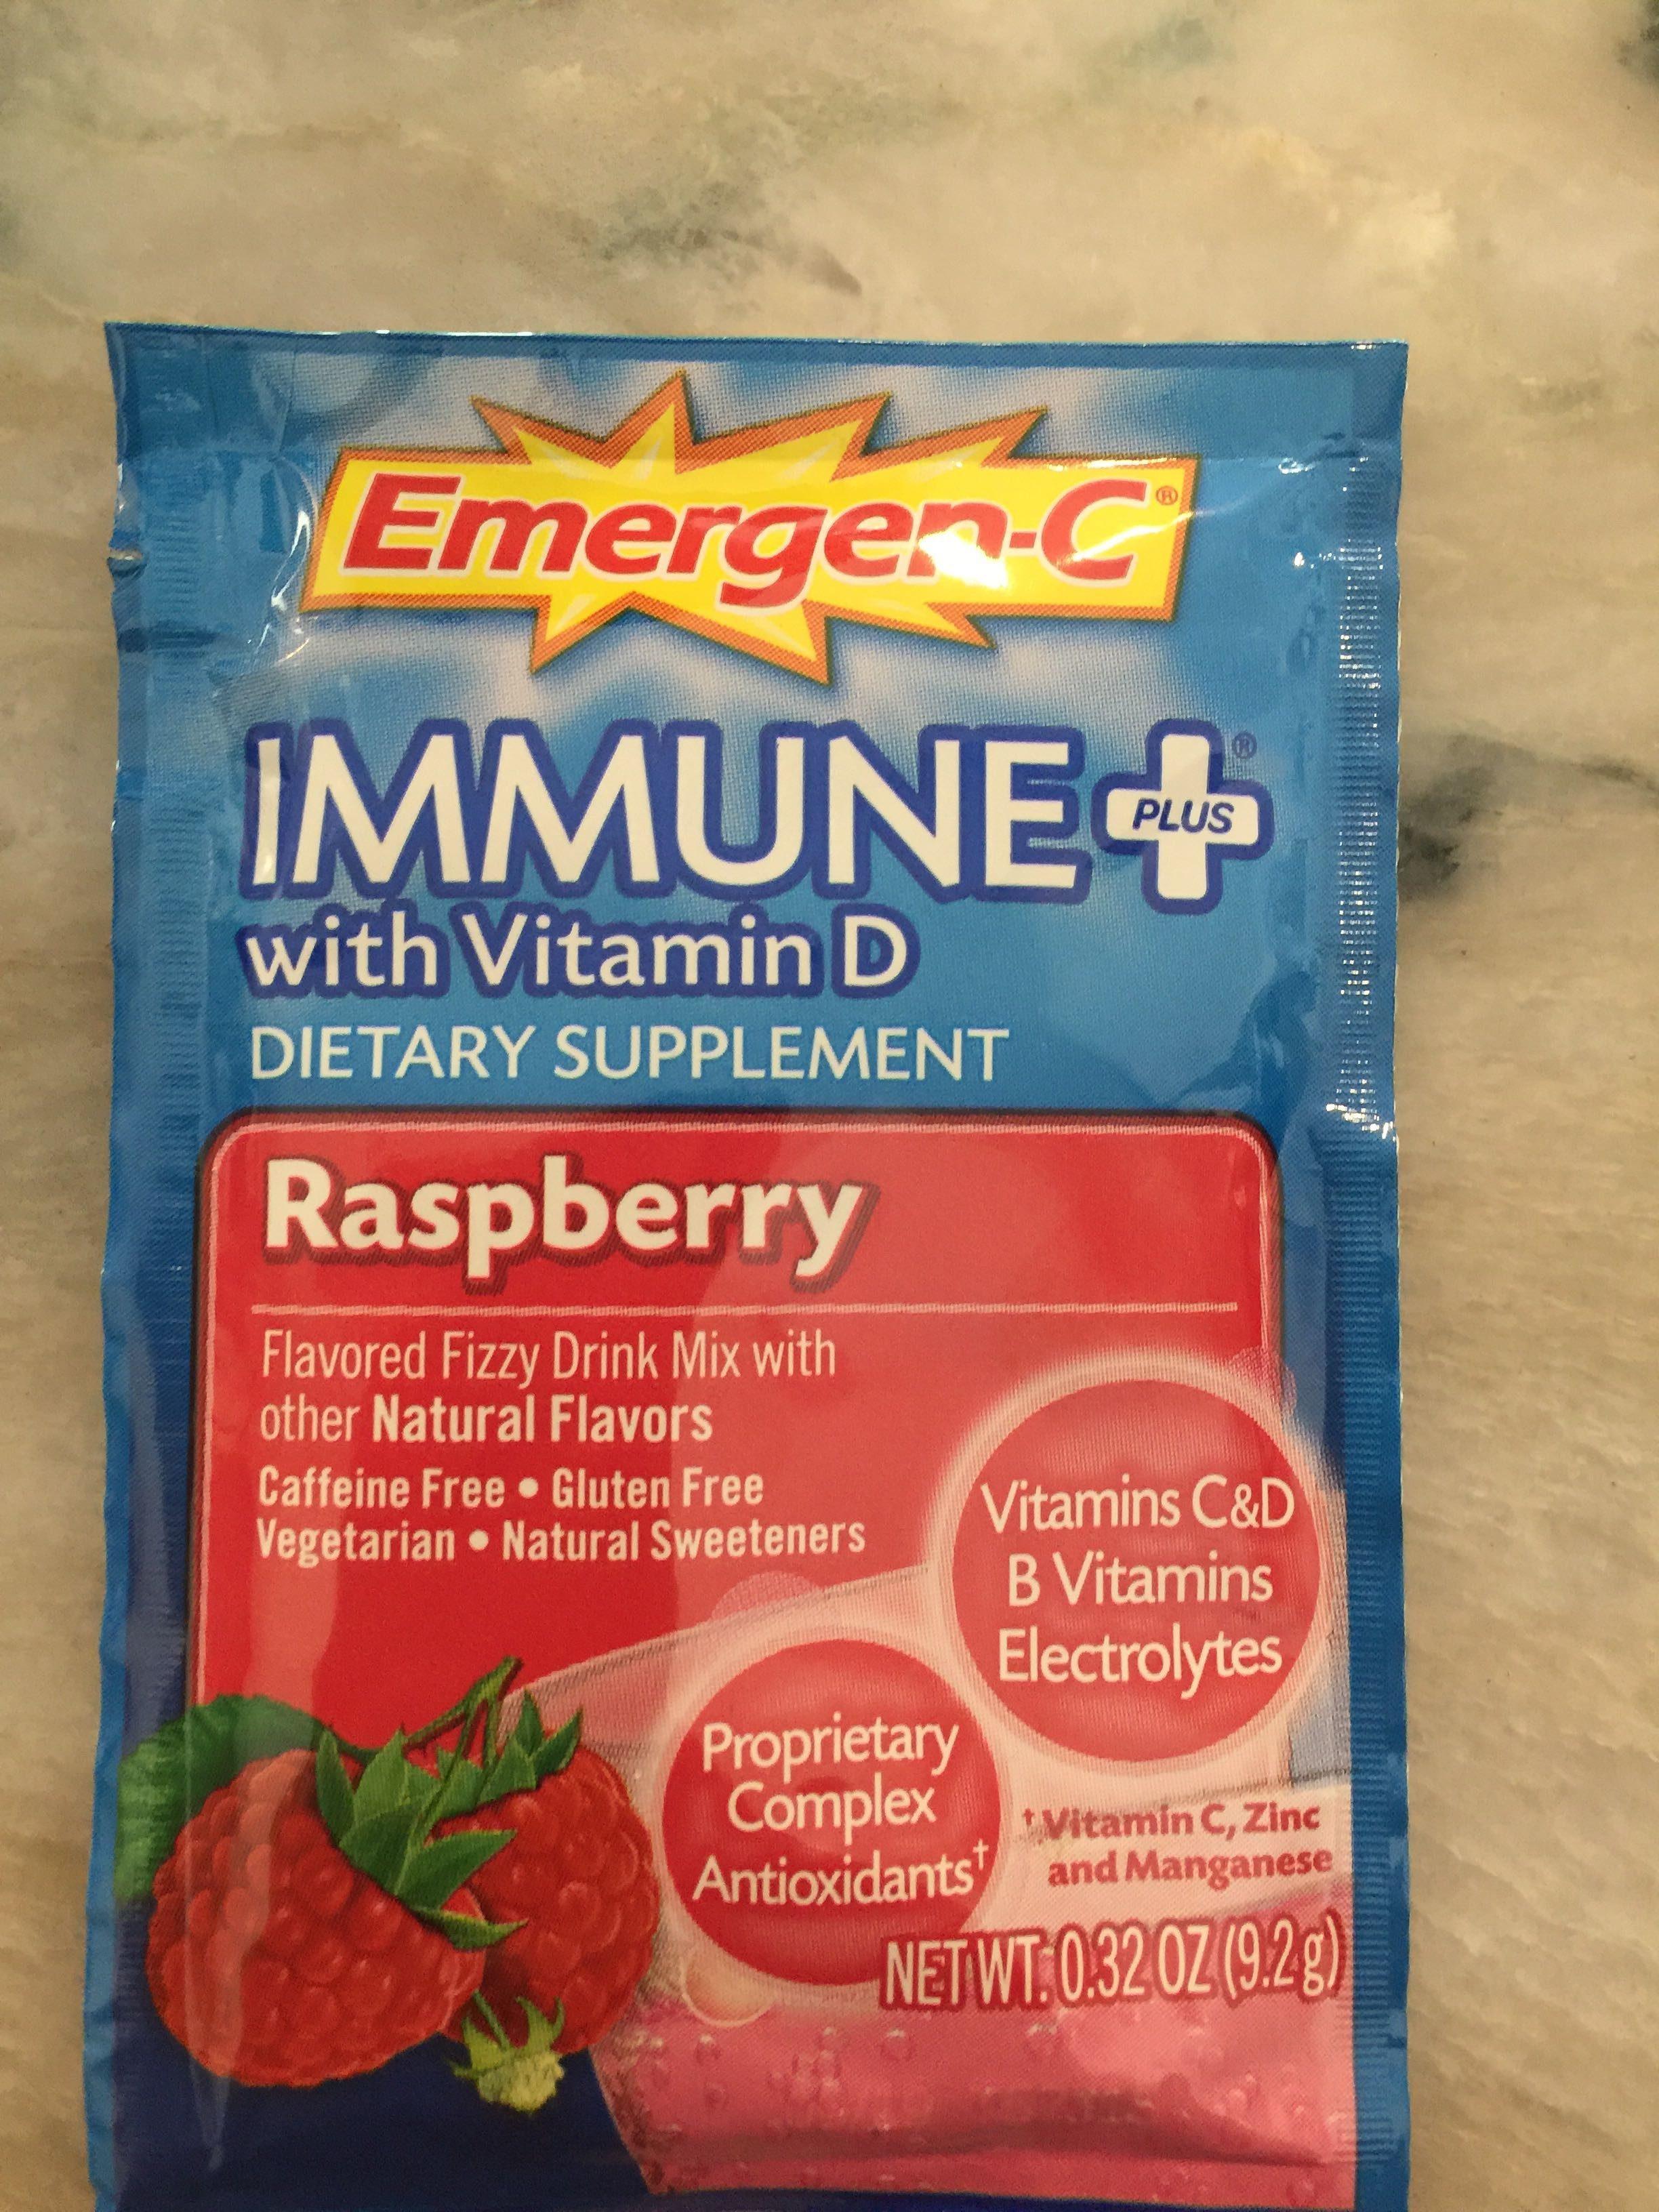 Immune plus - Product